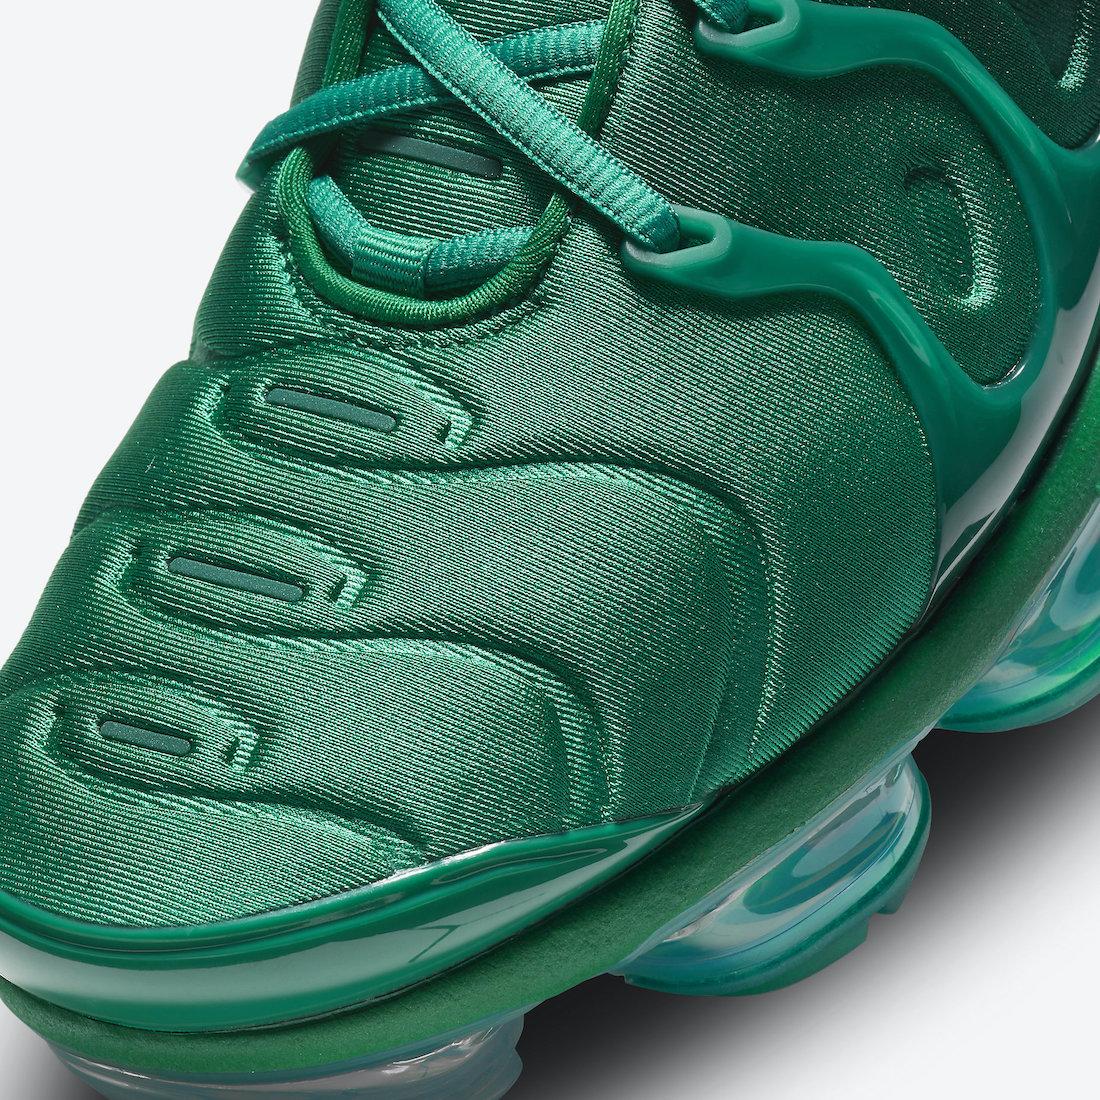 Nike-Air-VaporMax-Plus-Atlanta-DH0145-300-Release-Date-6